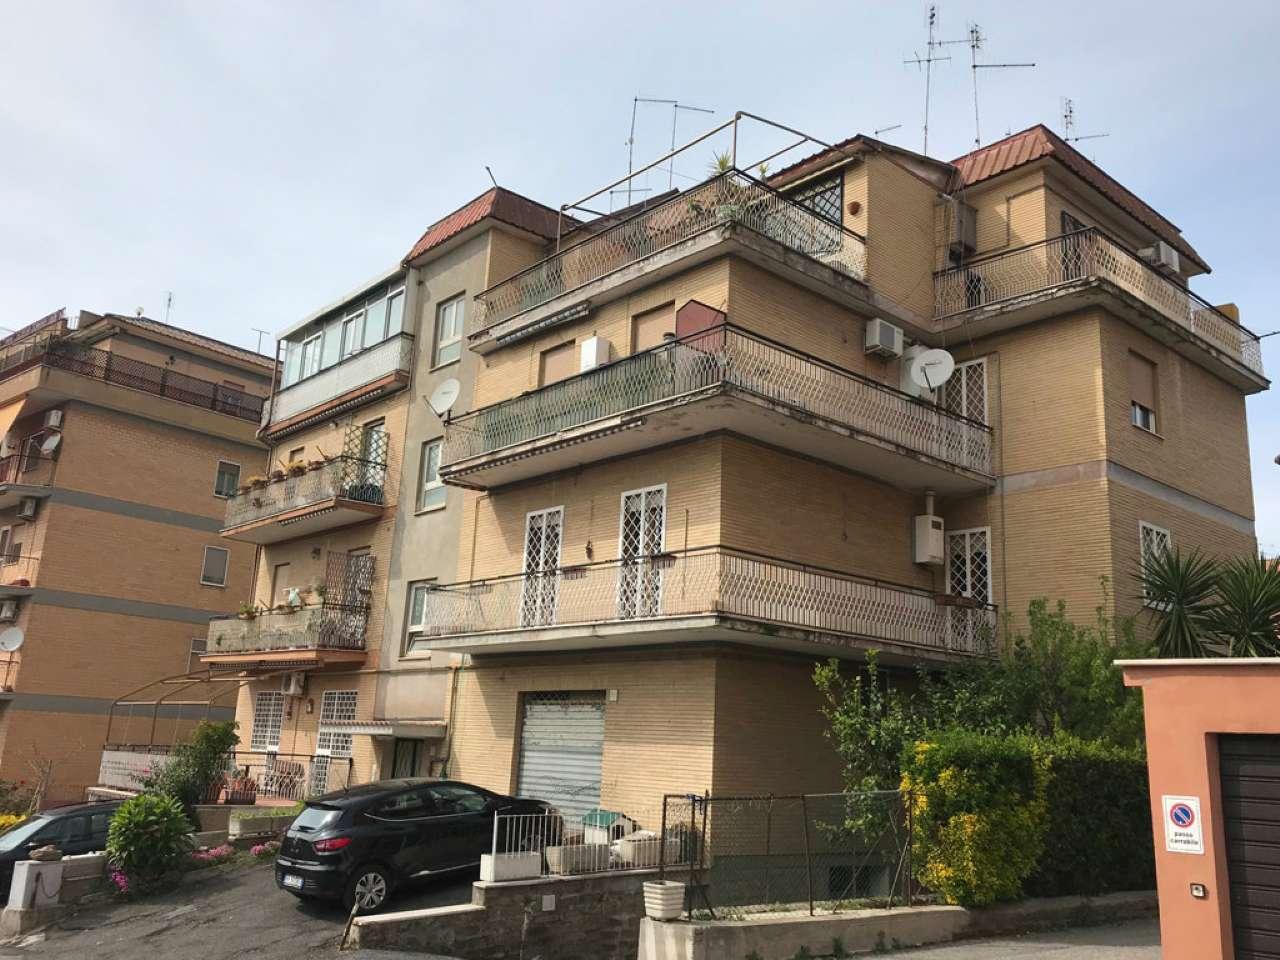 Attico / Mansarda in vendita a Roma, 3 locali, zona Zona: 40 . Piana del Sole, Casal Lumbroso, Malagrotta, Ponte Galeria, prezzo € 119.000   CambioCasa.it